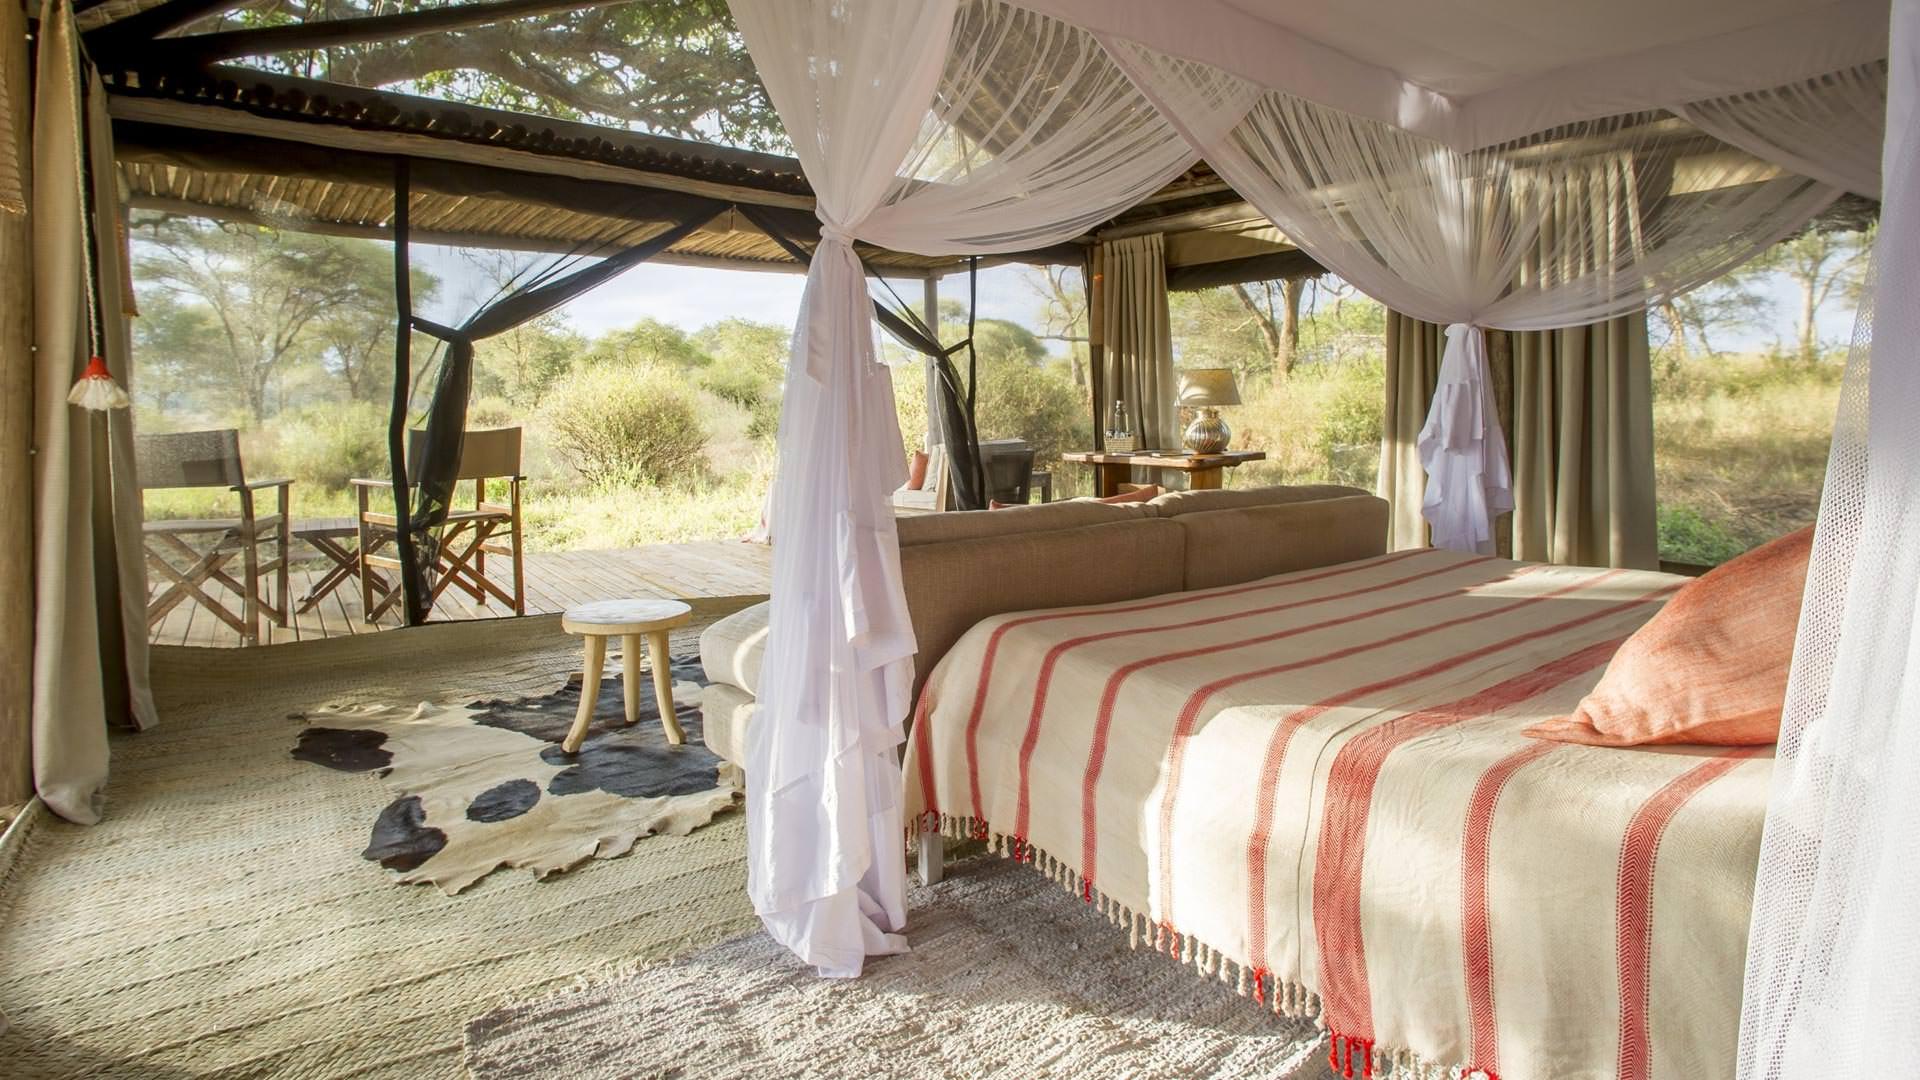 Guest room at Kuro camp